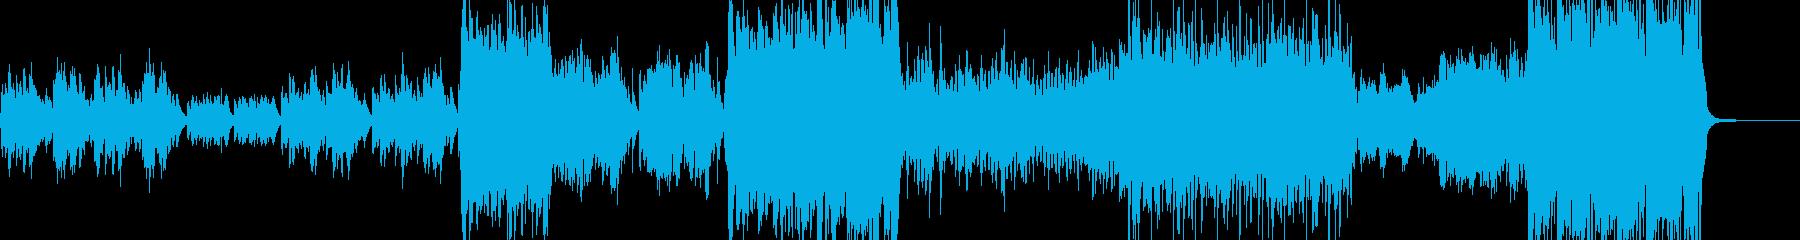 姫チック・踊れるスィングジャズ G2の再生済みの波形